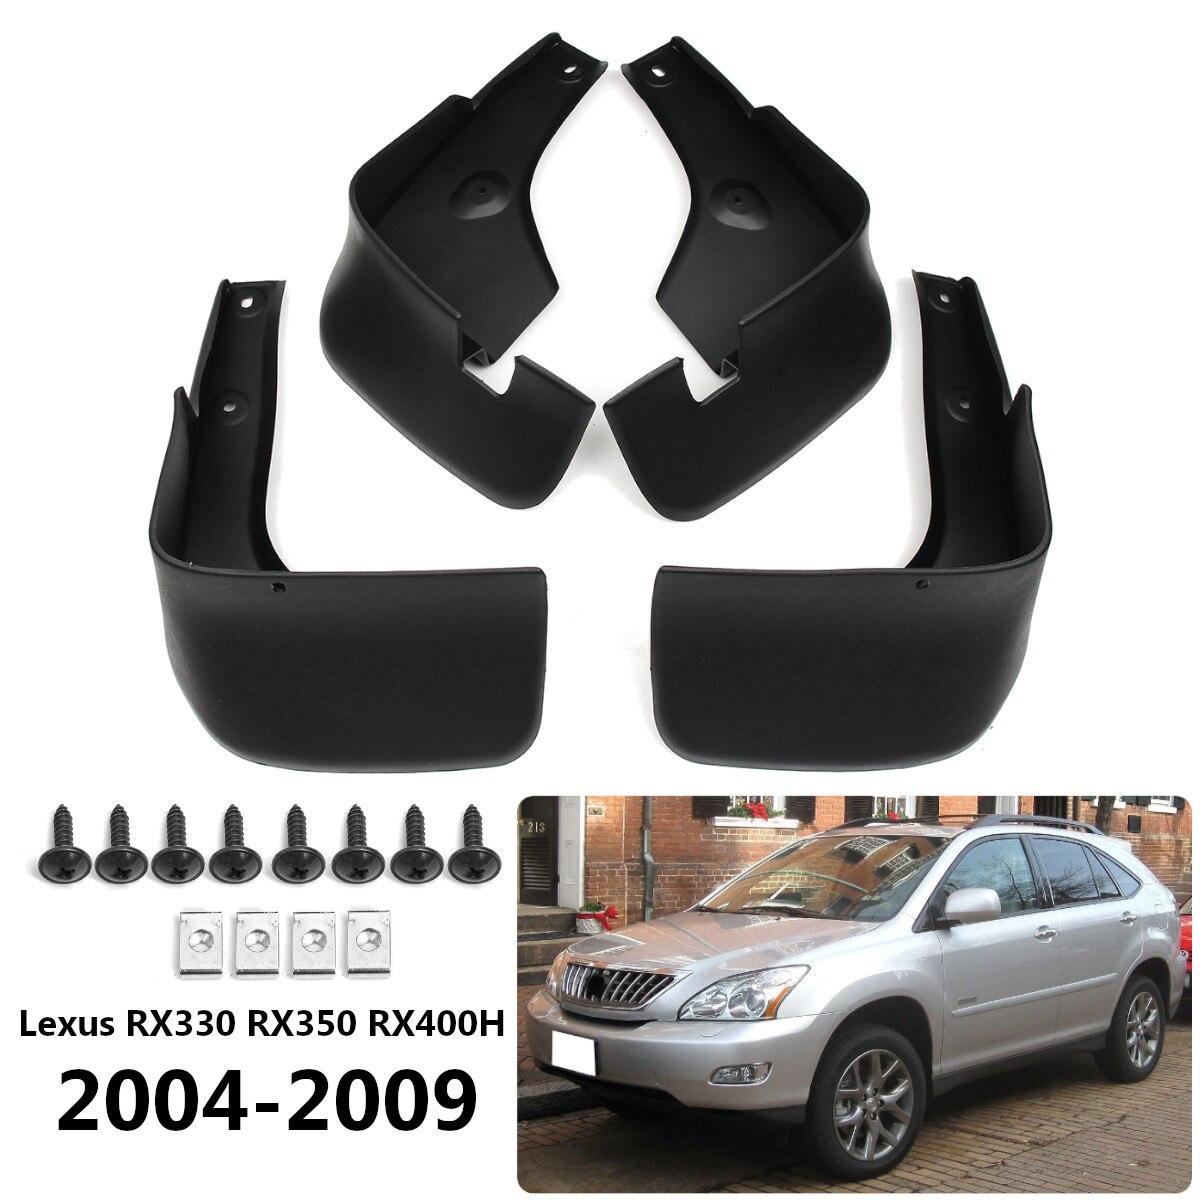 Guardabarros de coche delantero y trasero para Lexus RX330 RX350 RX400H 2004-2009 guardabarros protector contra salpicaduras accesorios de guardabarros